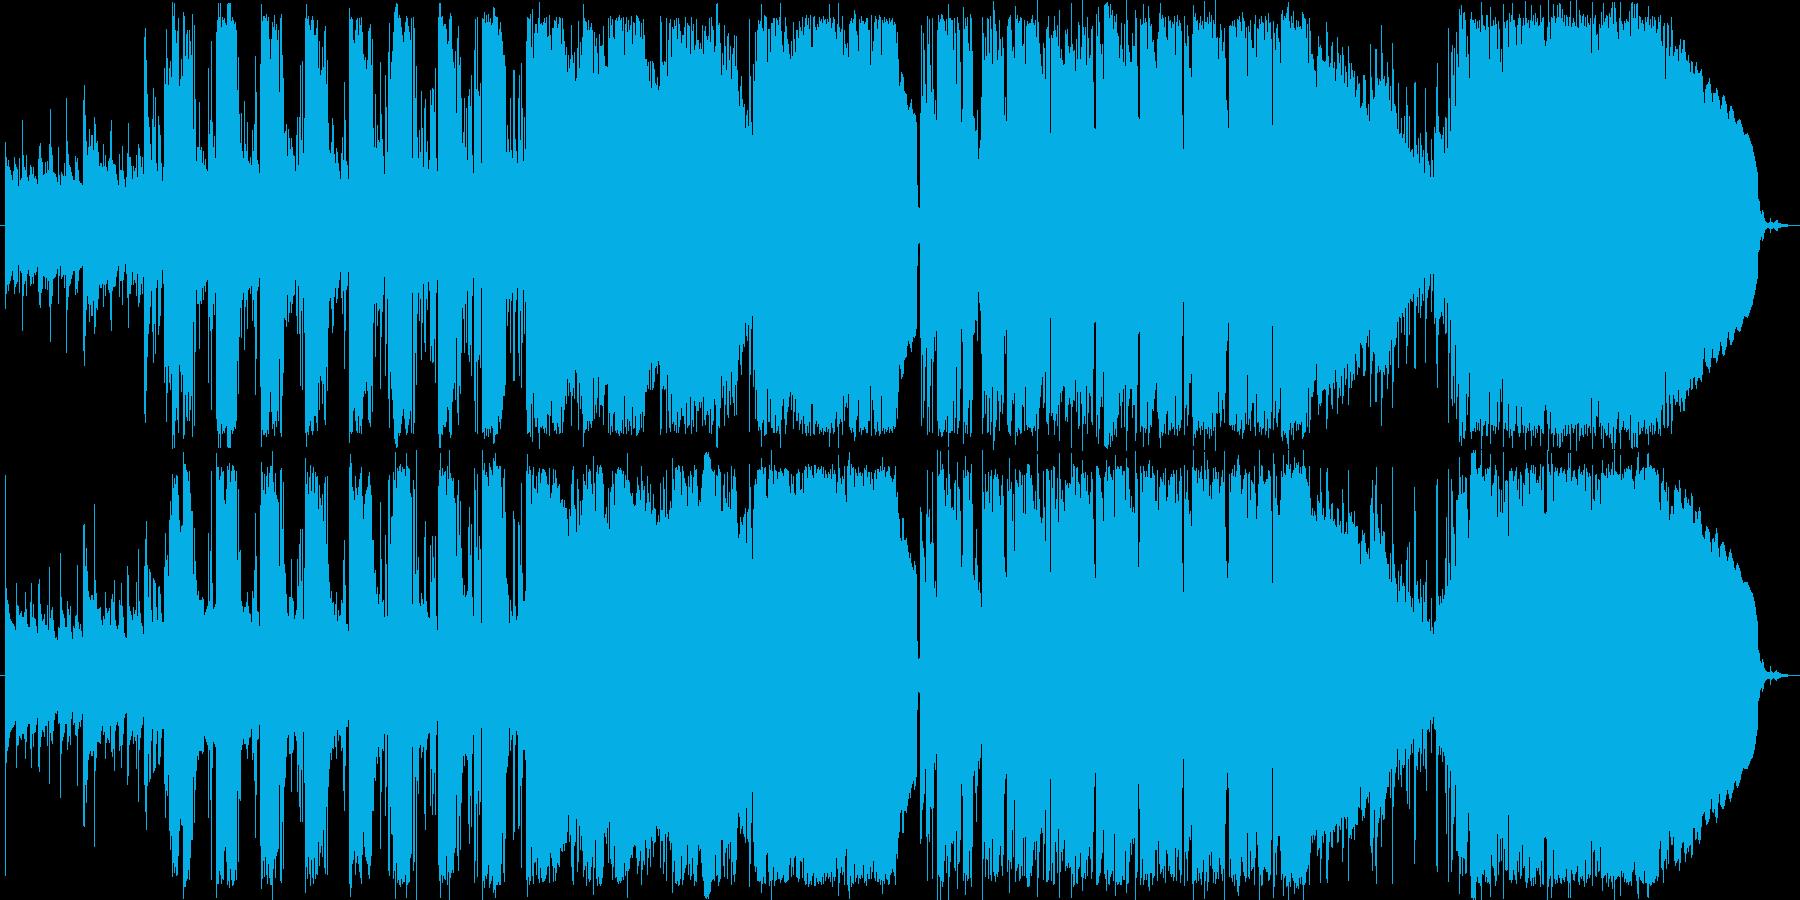 ハミングの入ったさわやかなBGMの再生済みの波形